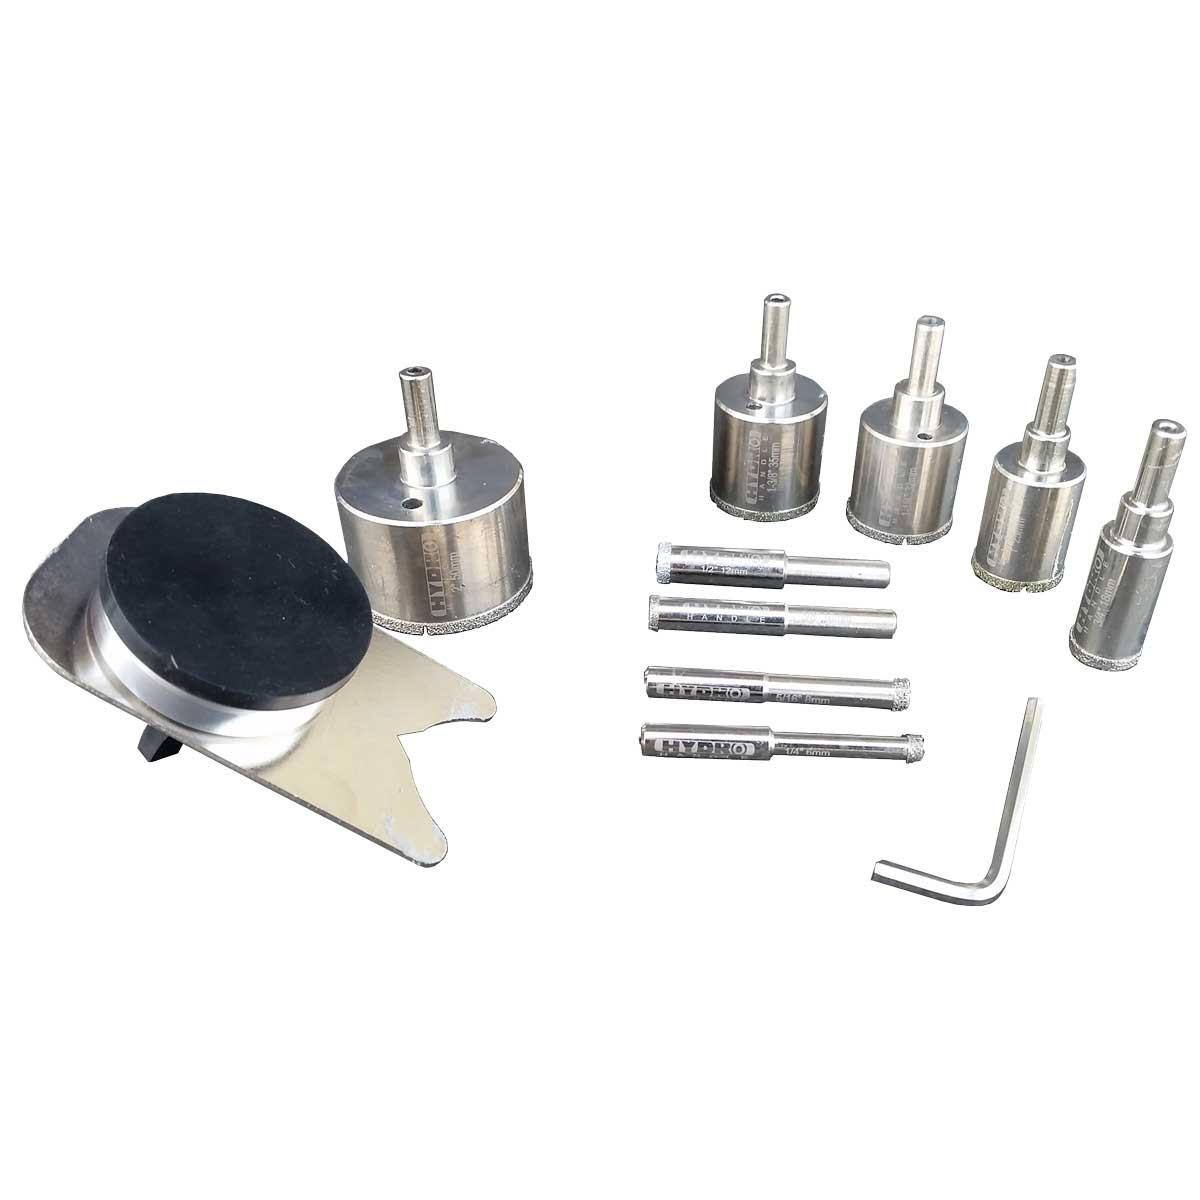 drill bit set components